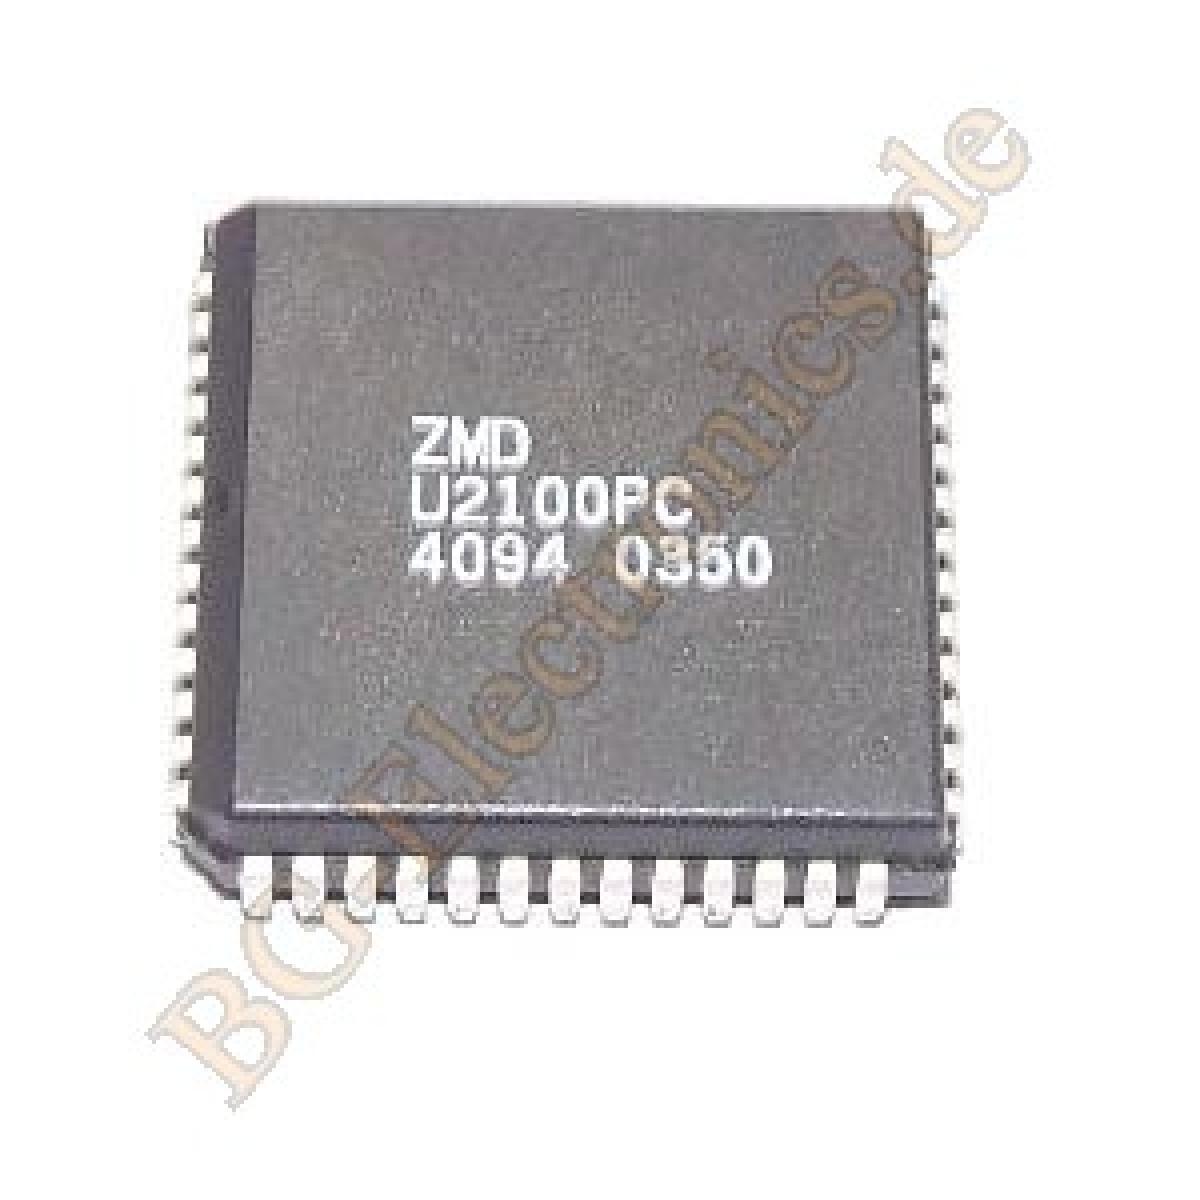 u2100 code